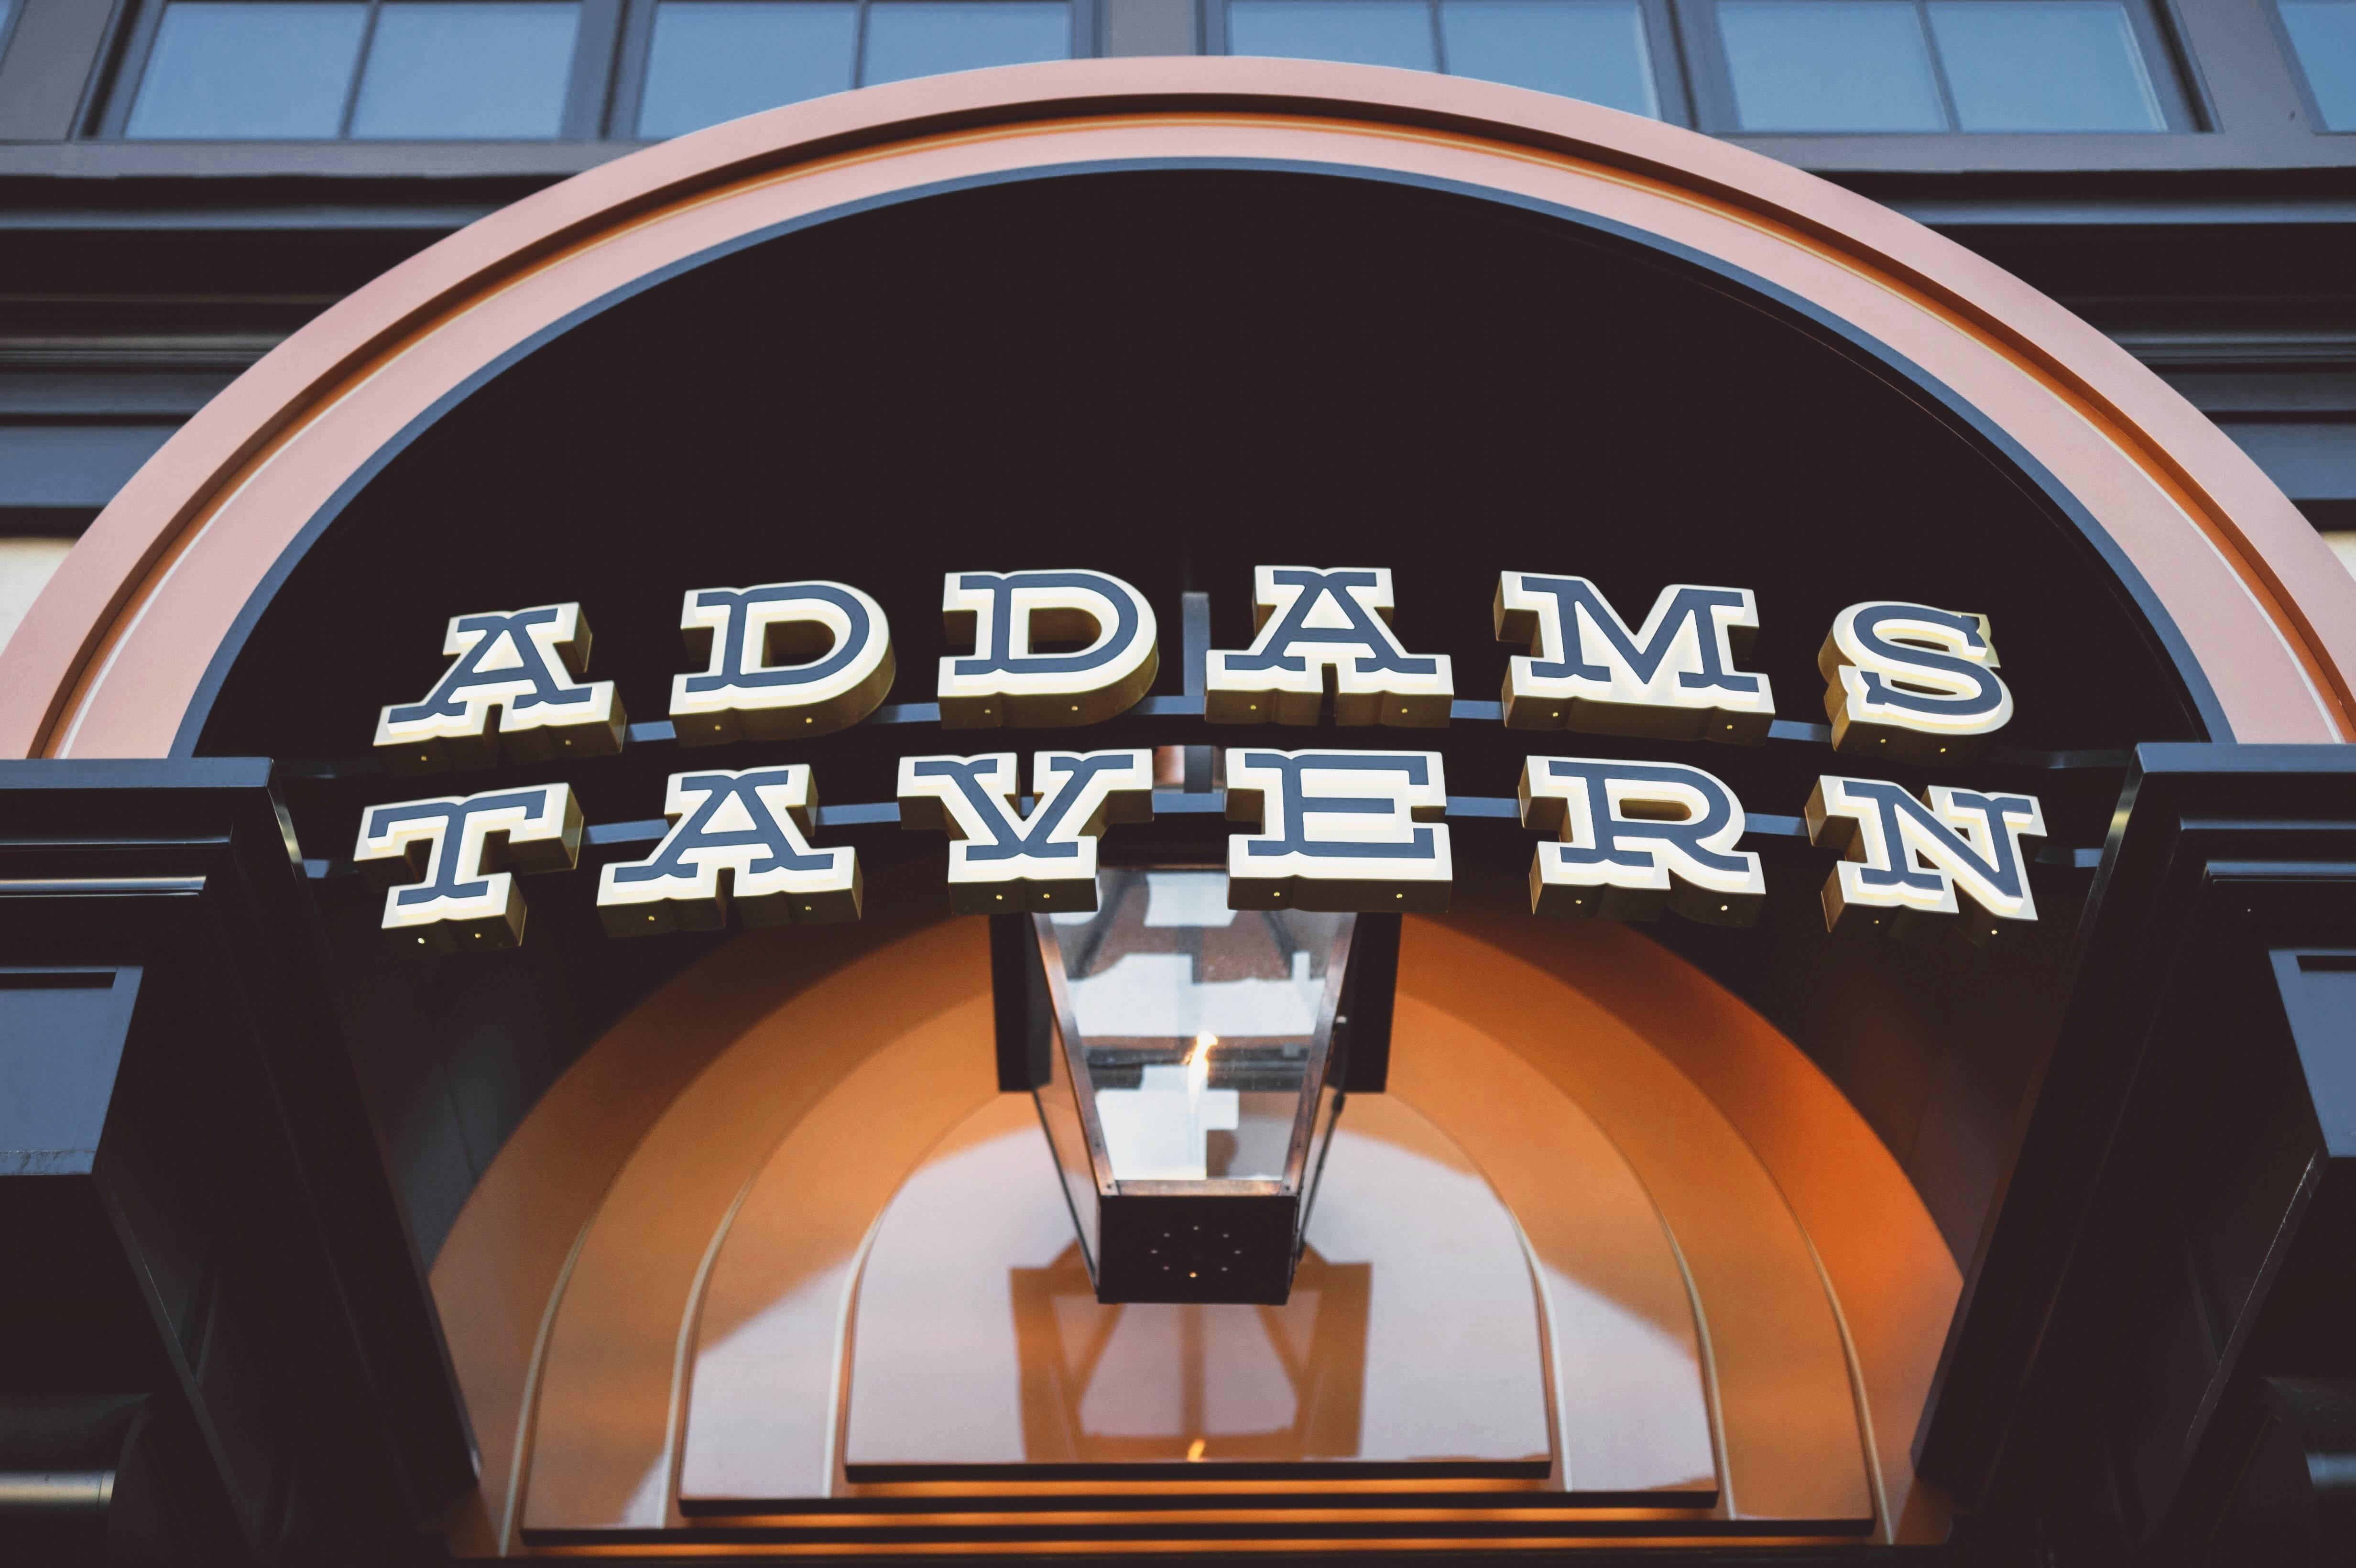 09a898d88314c38ccdad_addams_tavern_by_daniel_krieger_photography-1360.jpg